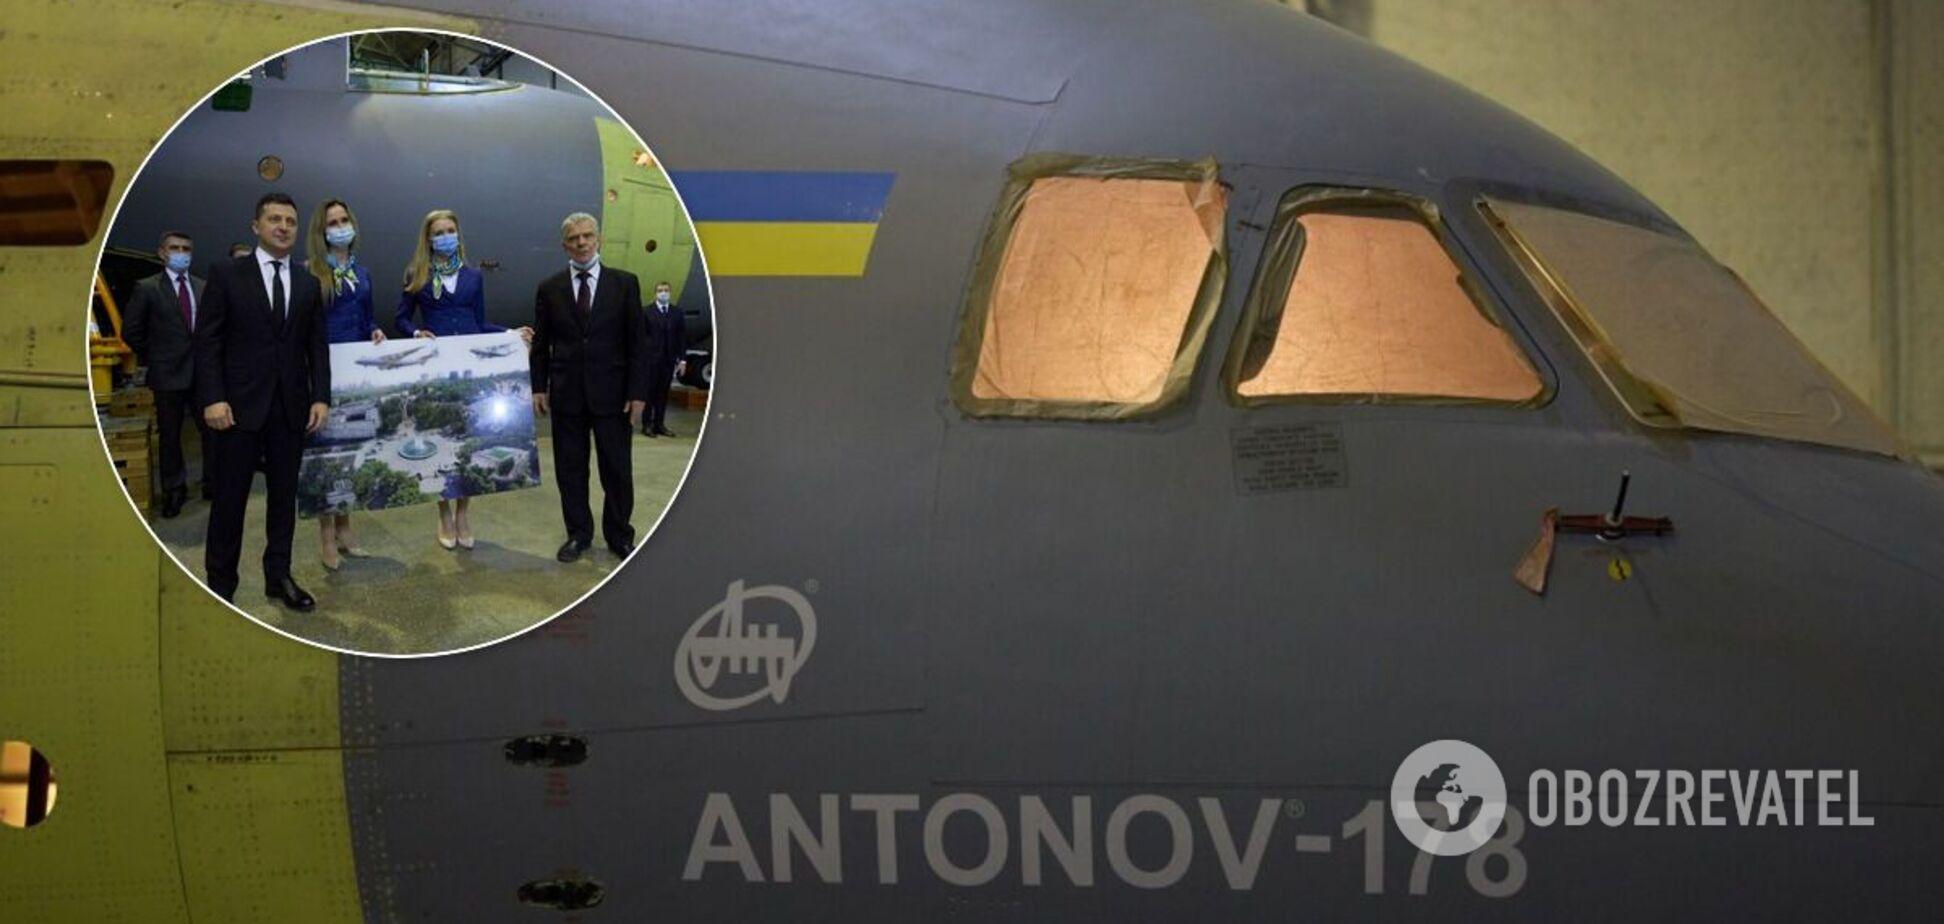 'Антонов' побудує три українські літаки Ан-178 для ЗСУ: підписано меморандум